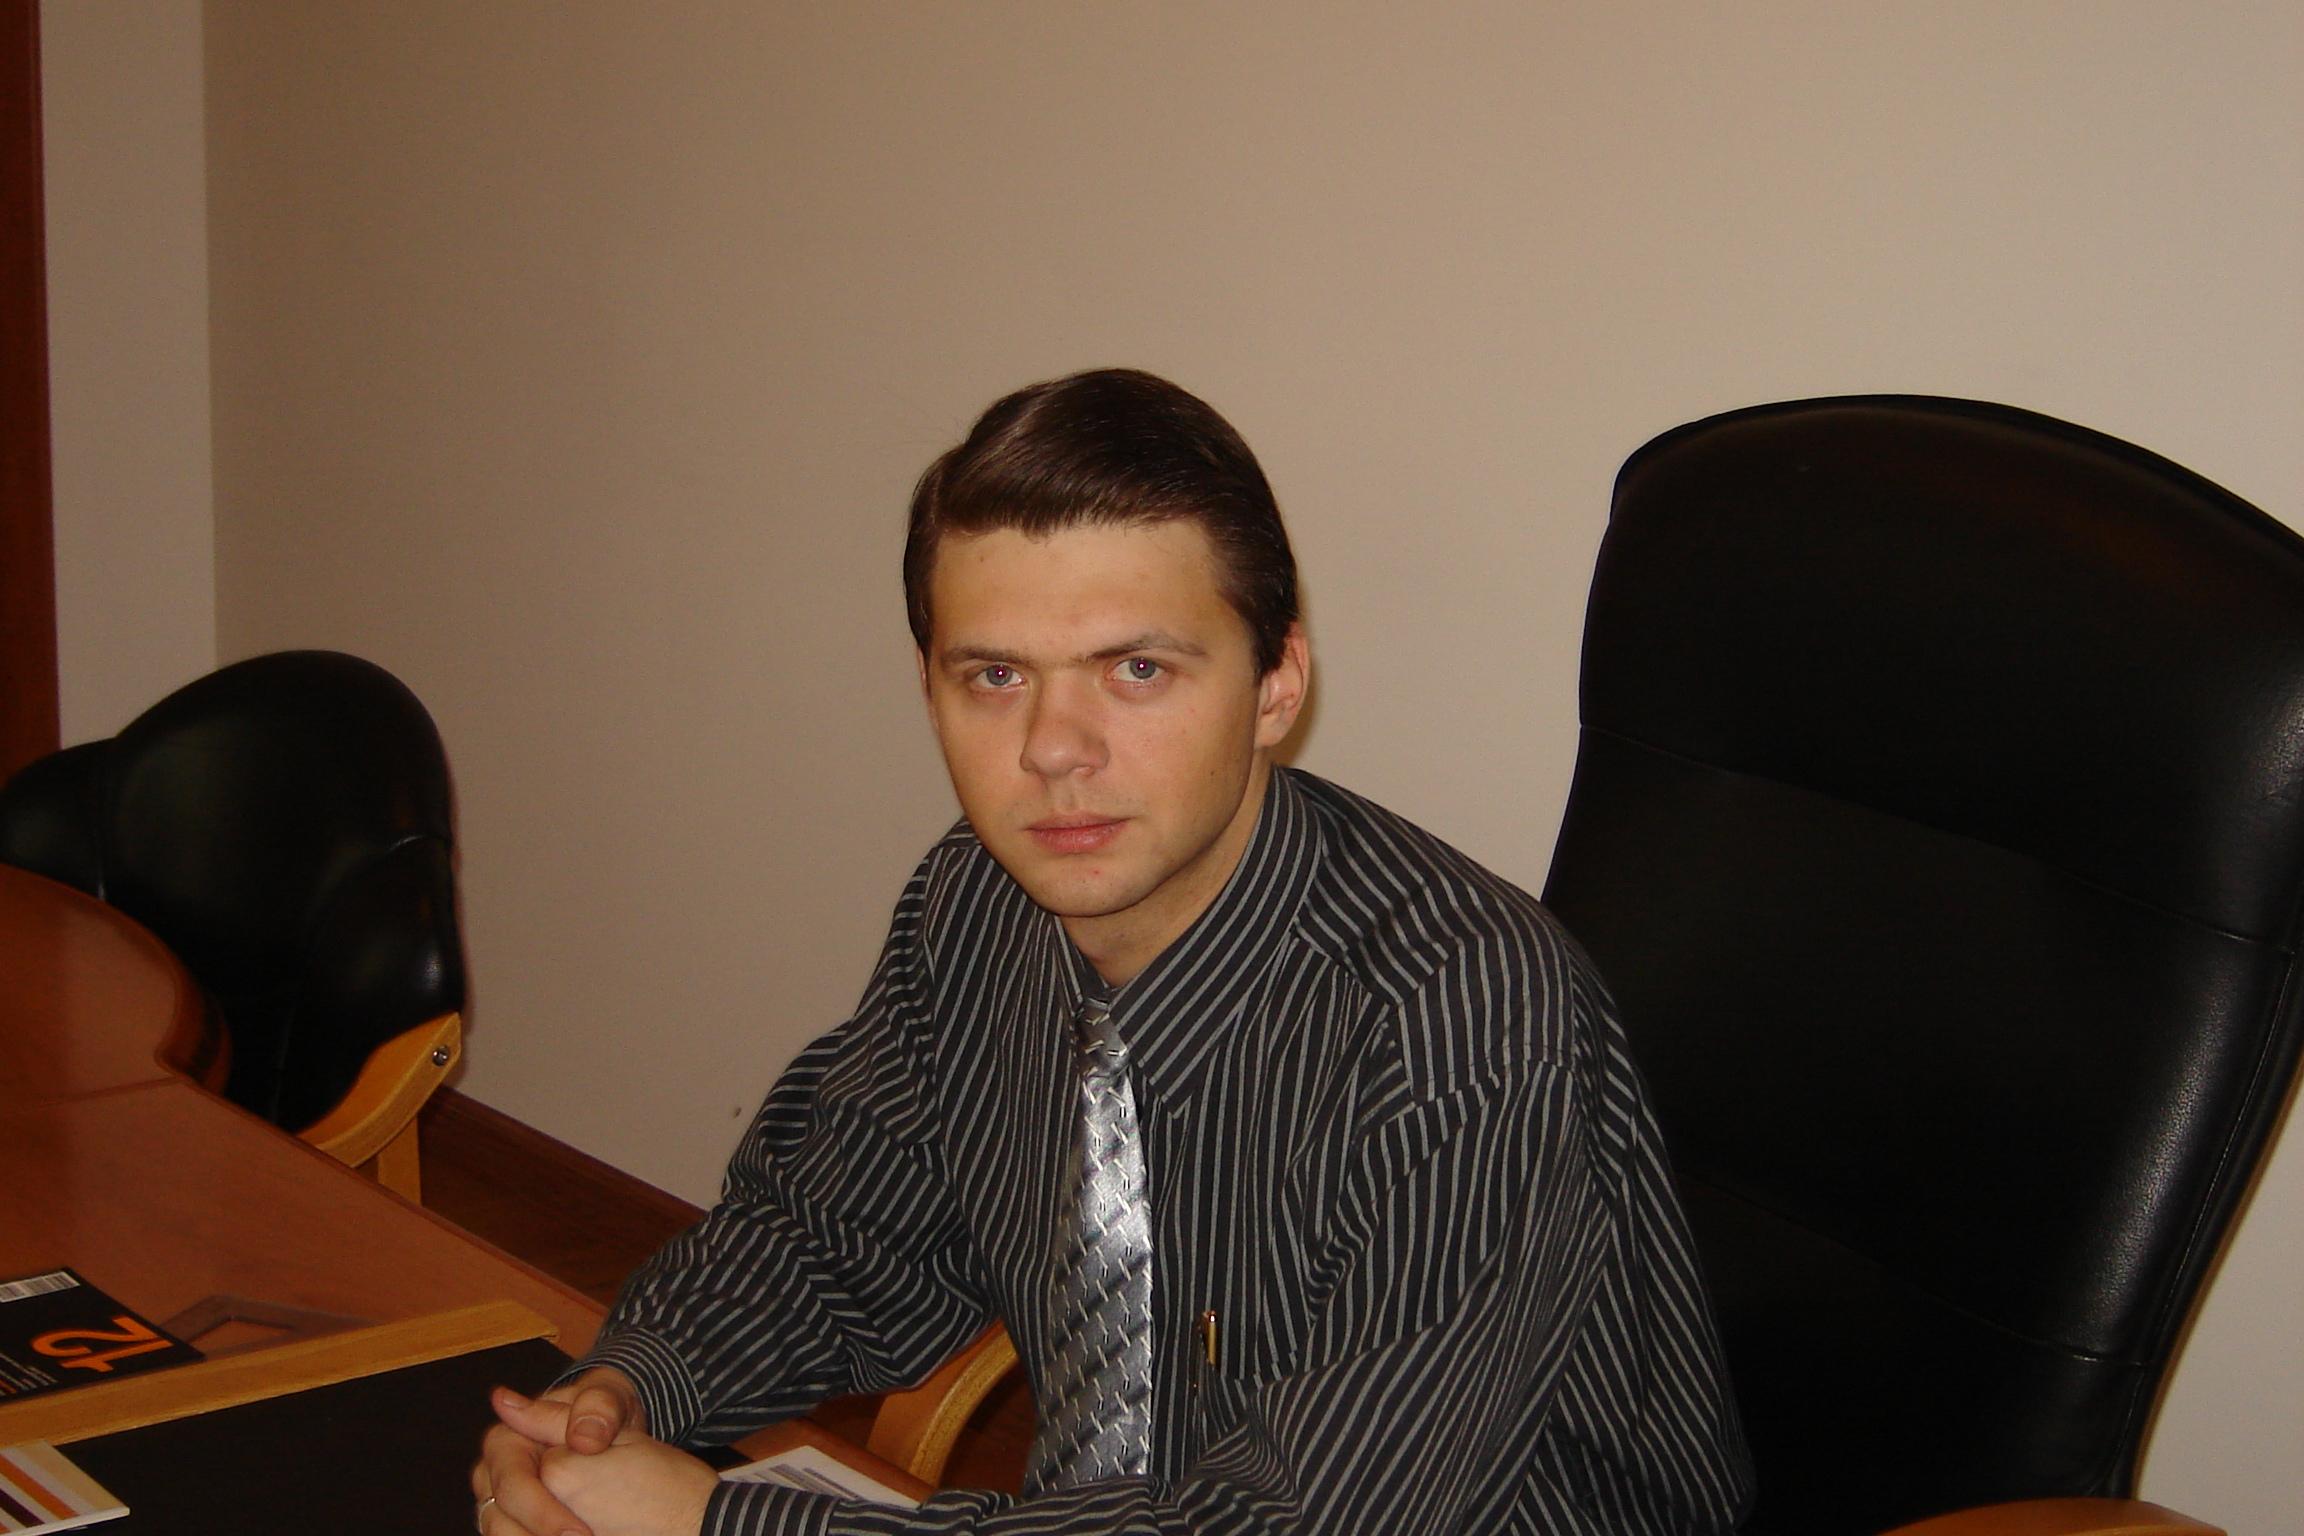 Рахмилевич Антон Александрович